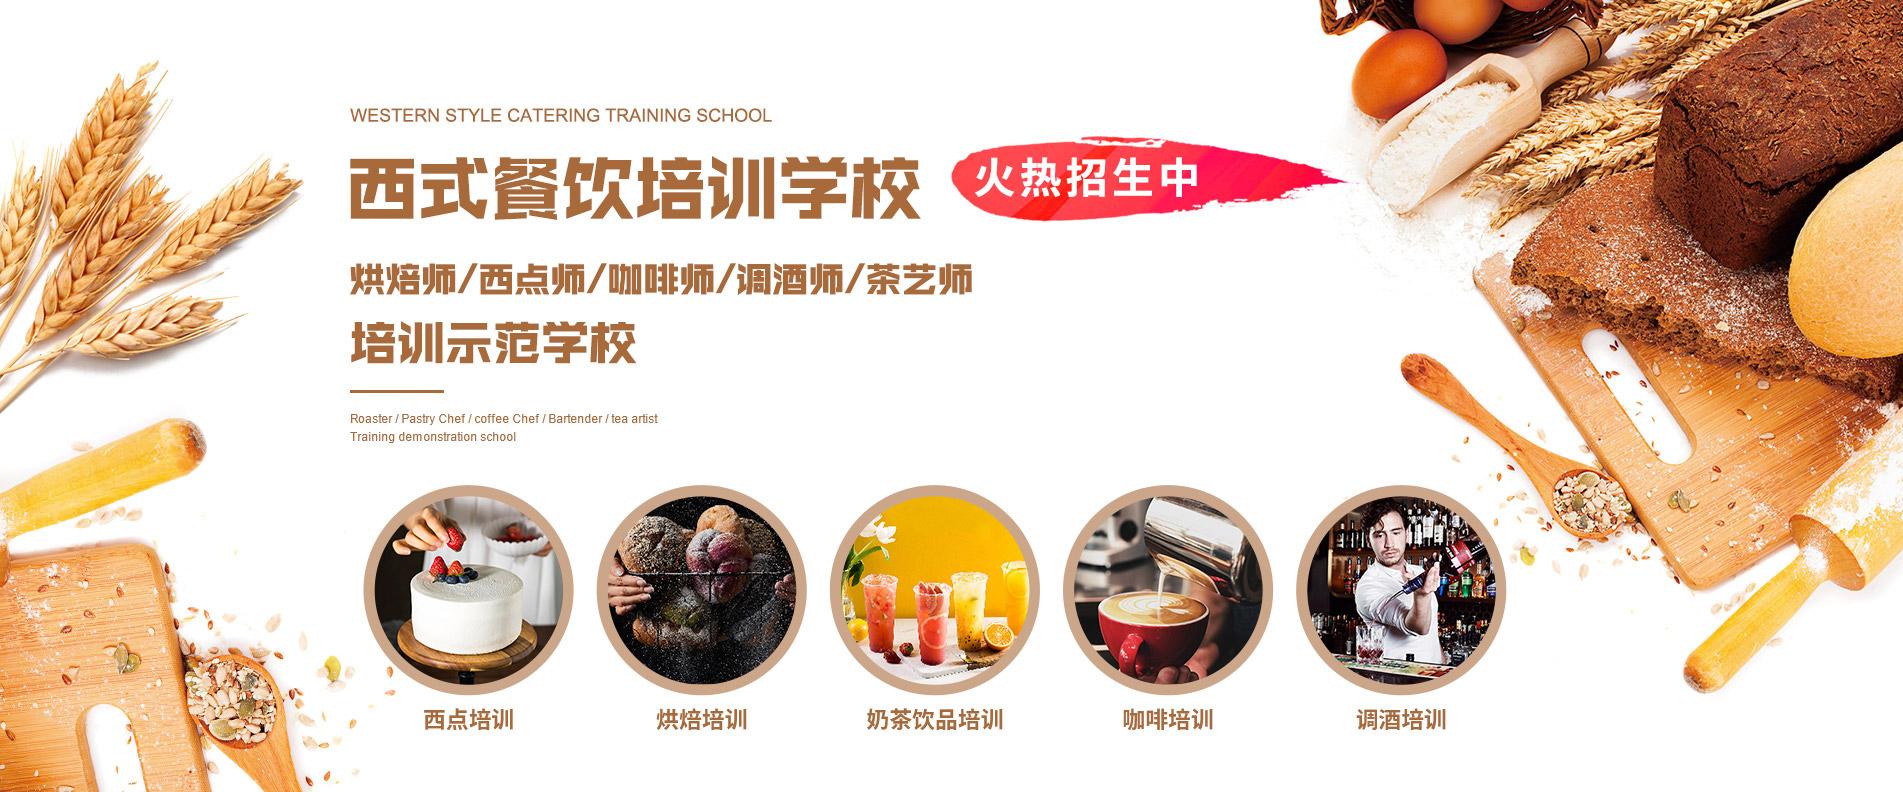 重庆西点蛋糕培训学校